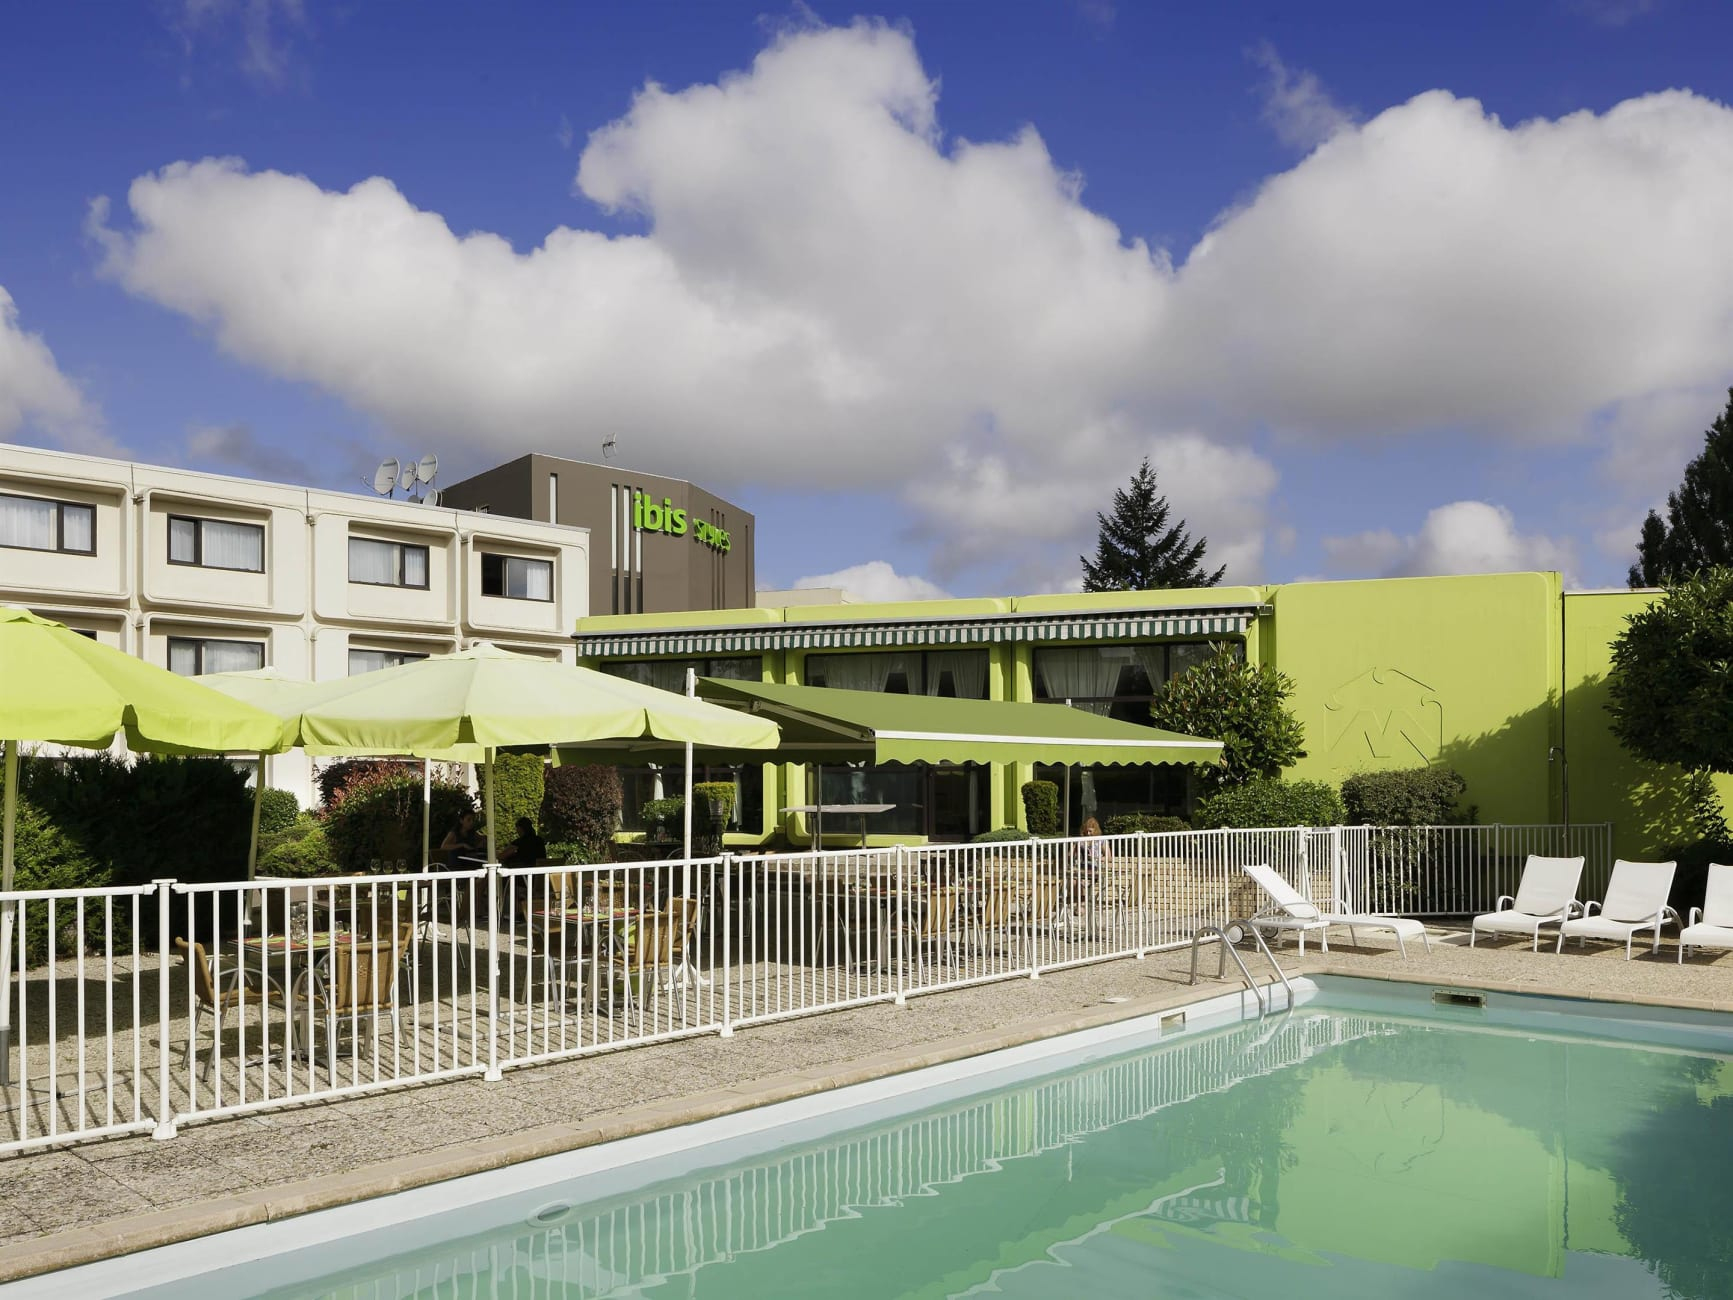 Otel Ibis Styles Chalon-Sur-Saône Hotel, Chalon-Sur-Saône ... à Piscine De Chalon Sur Saone